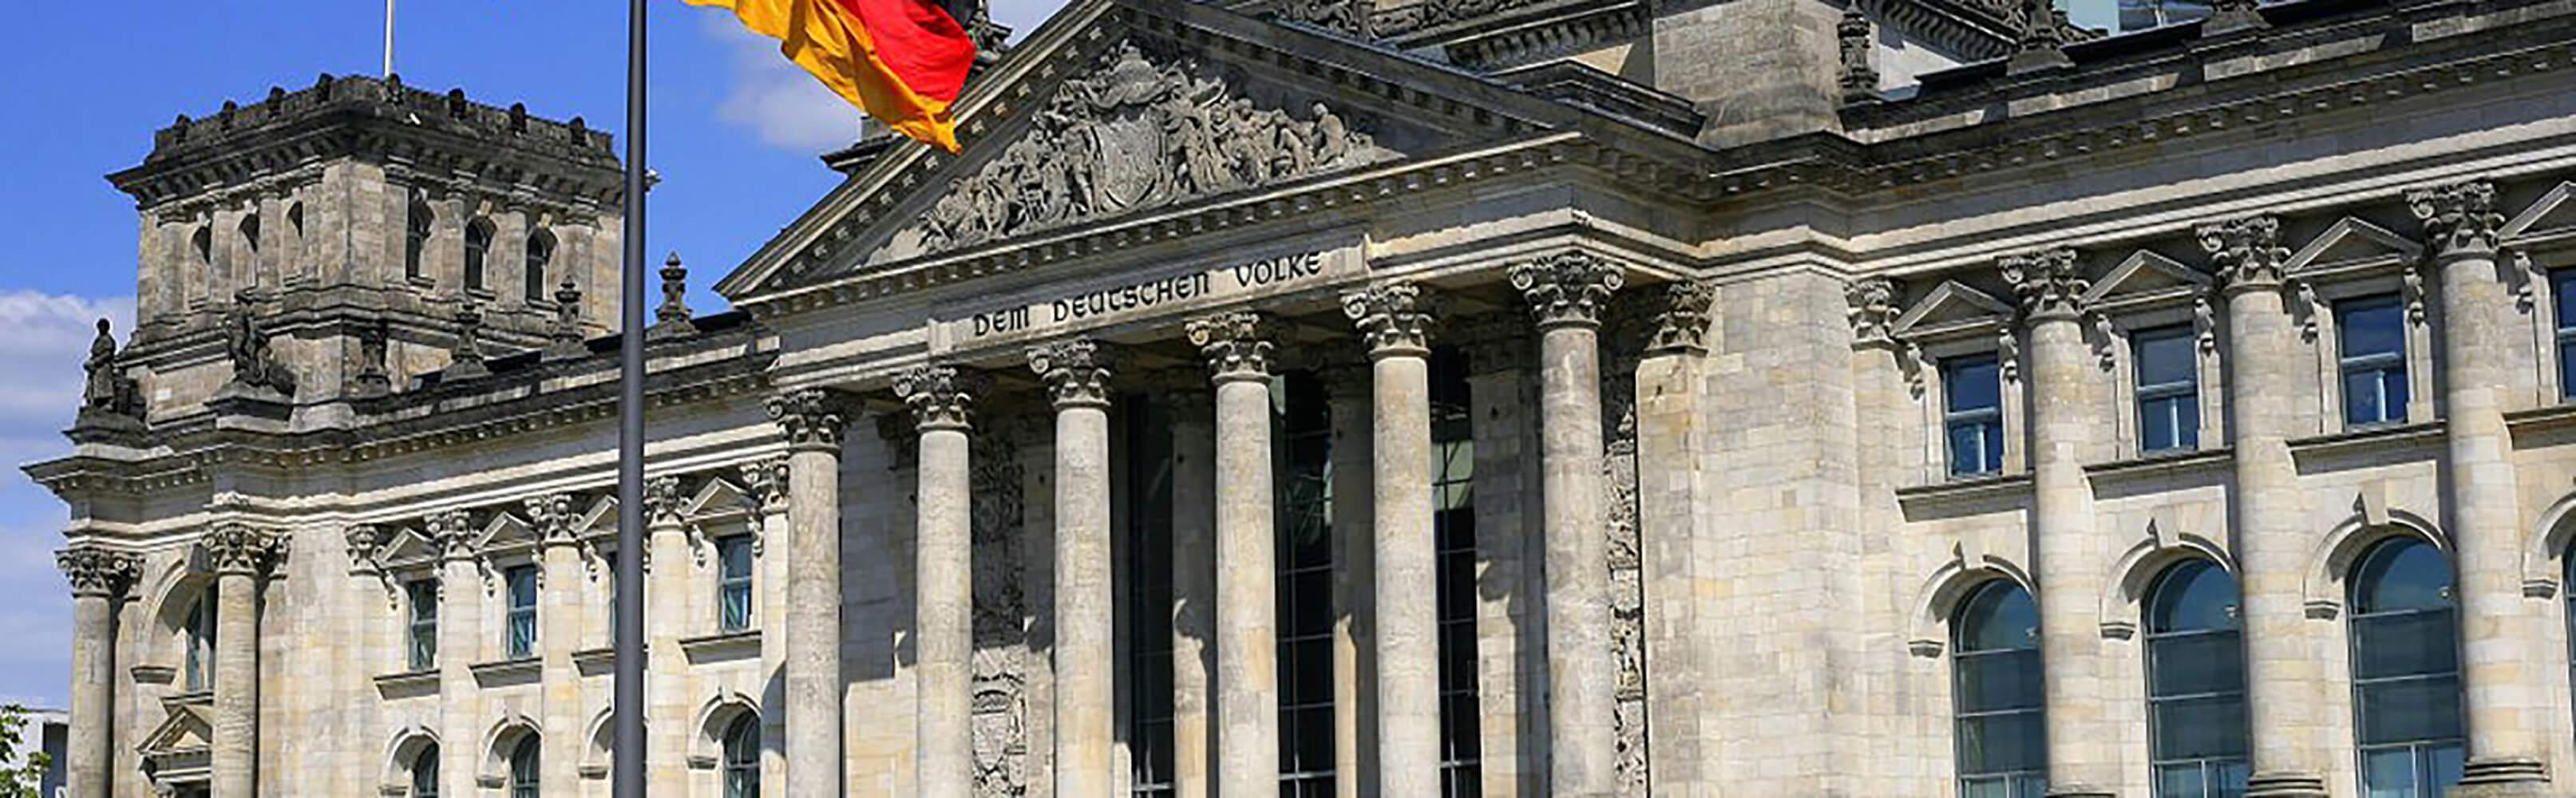 Reichstagsgebäude 1